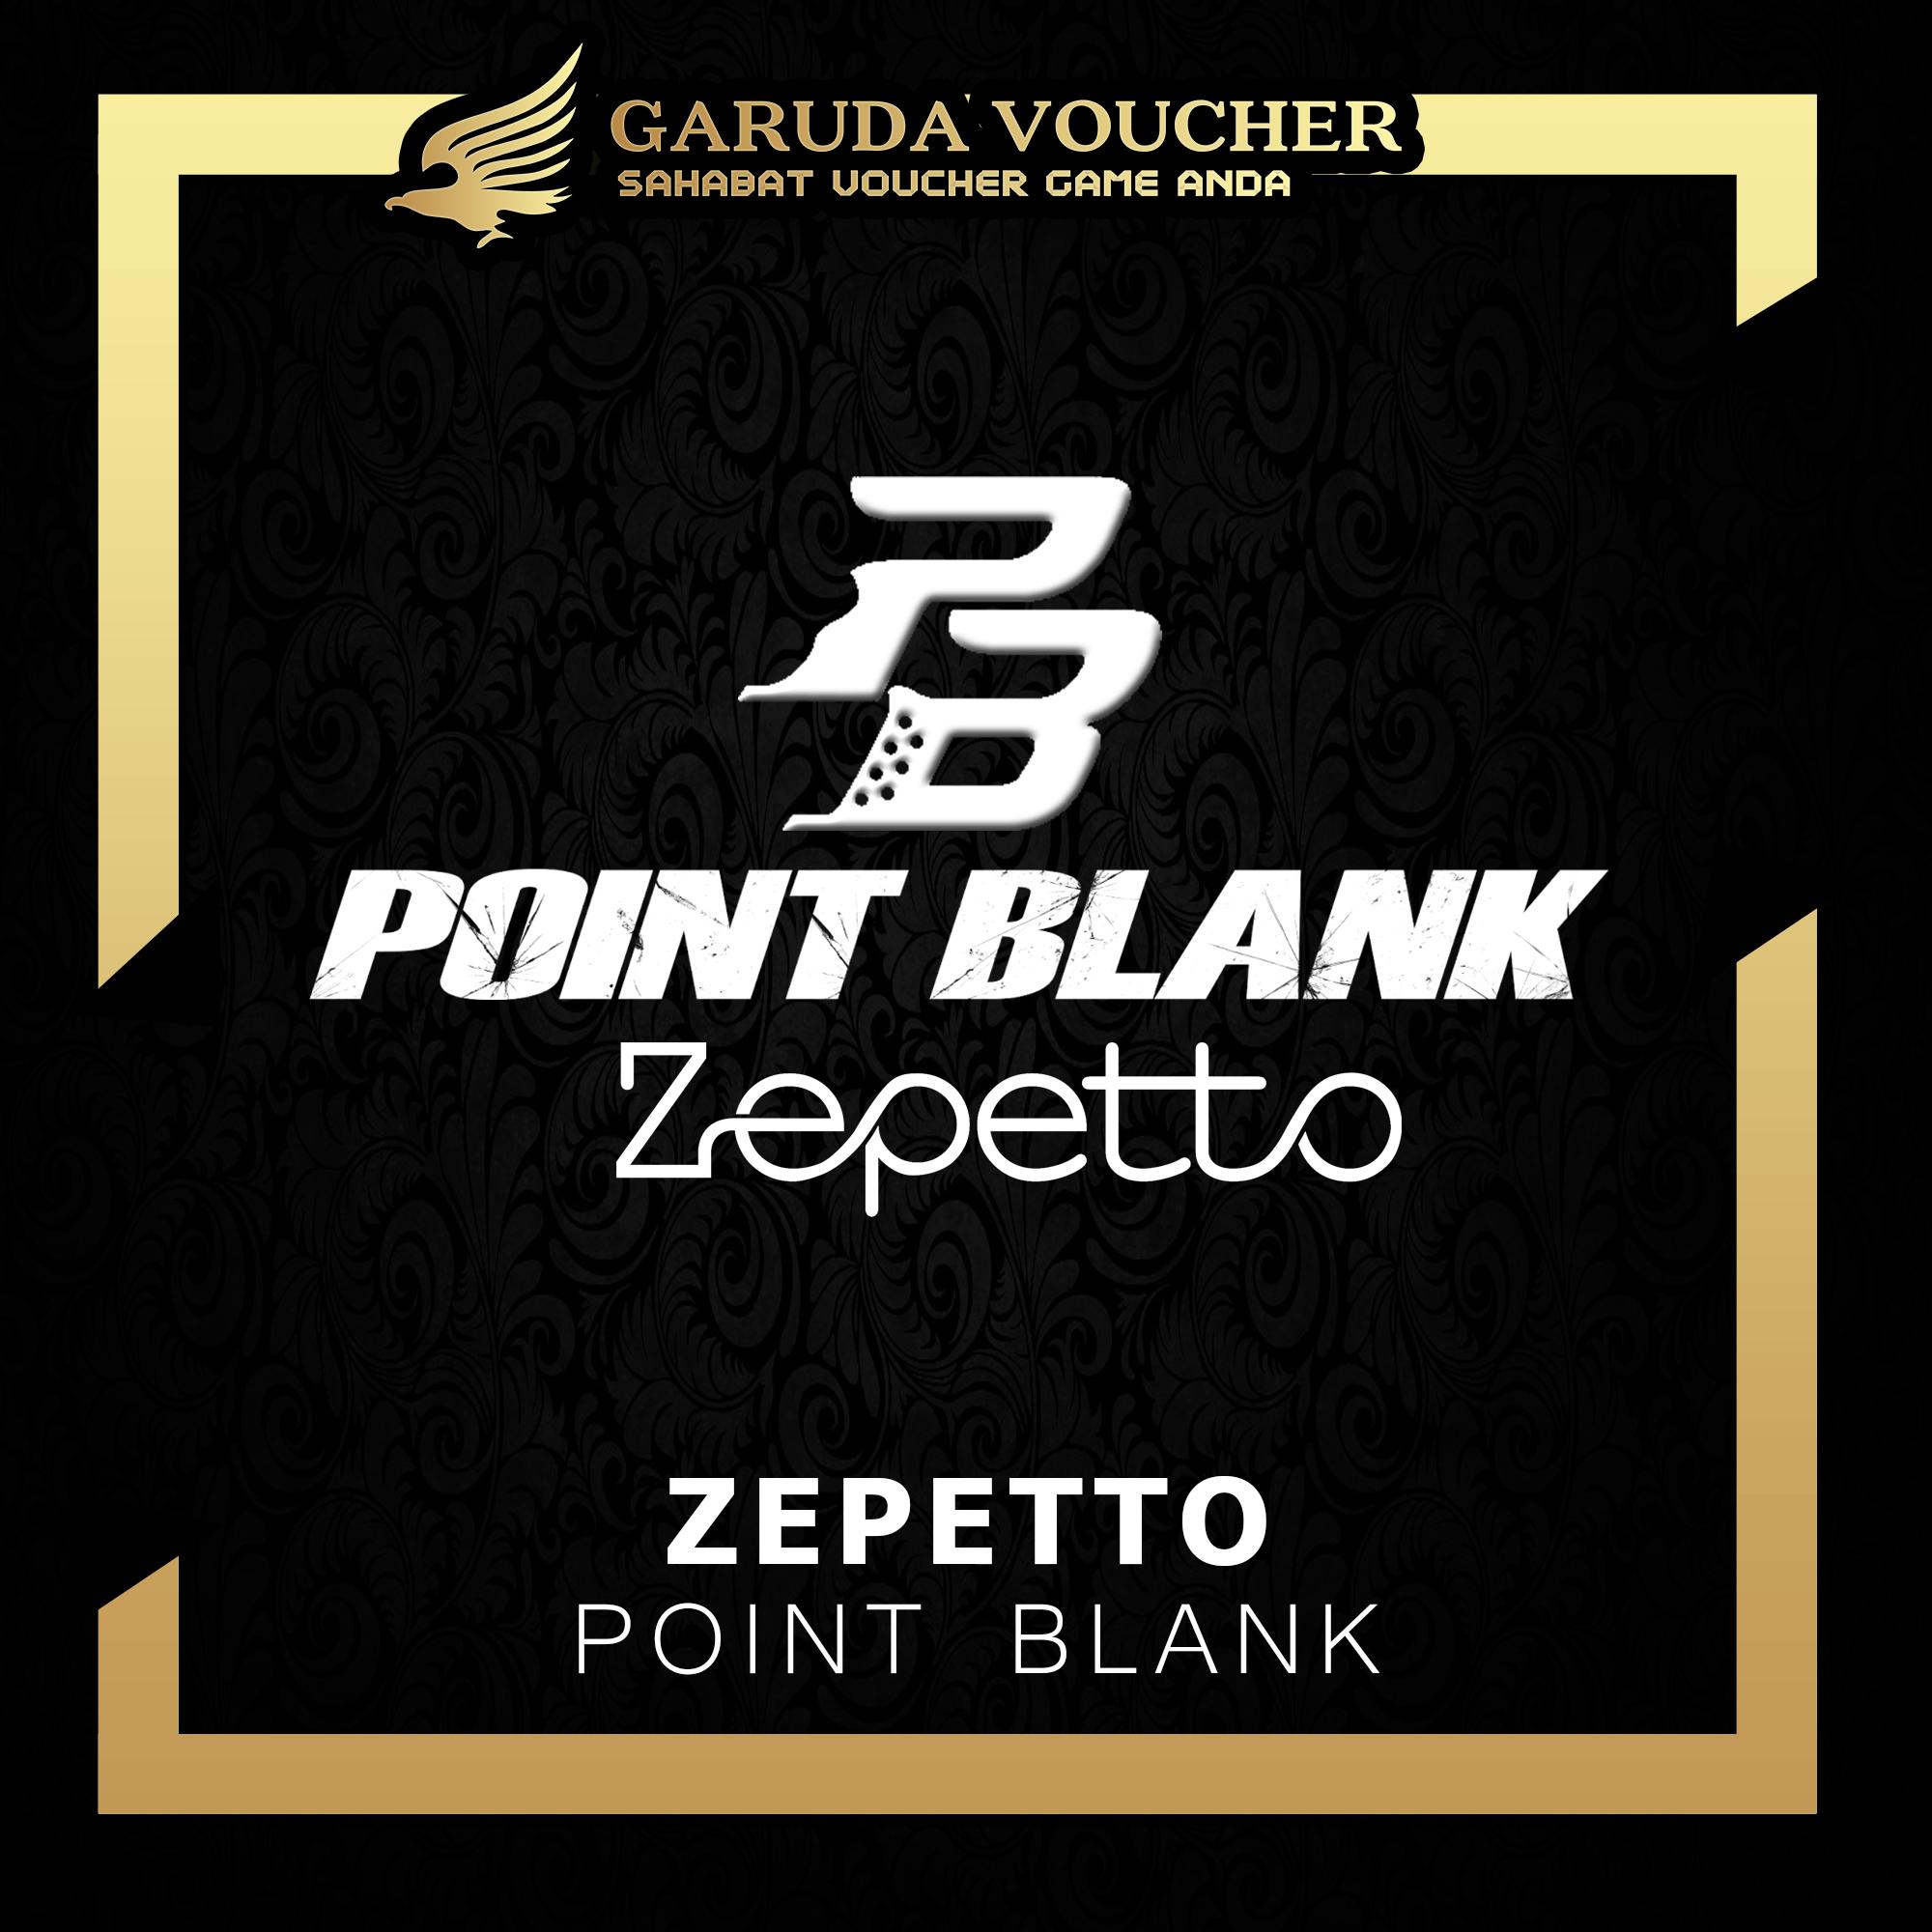 Voucher Pointblank Zepetto 12000 Garuda Voucher